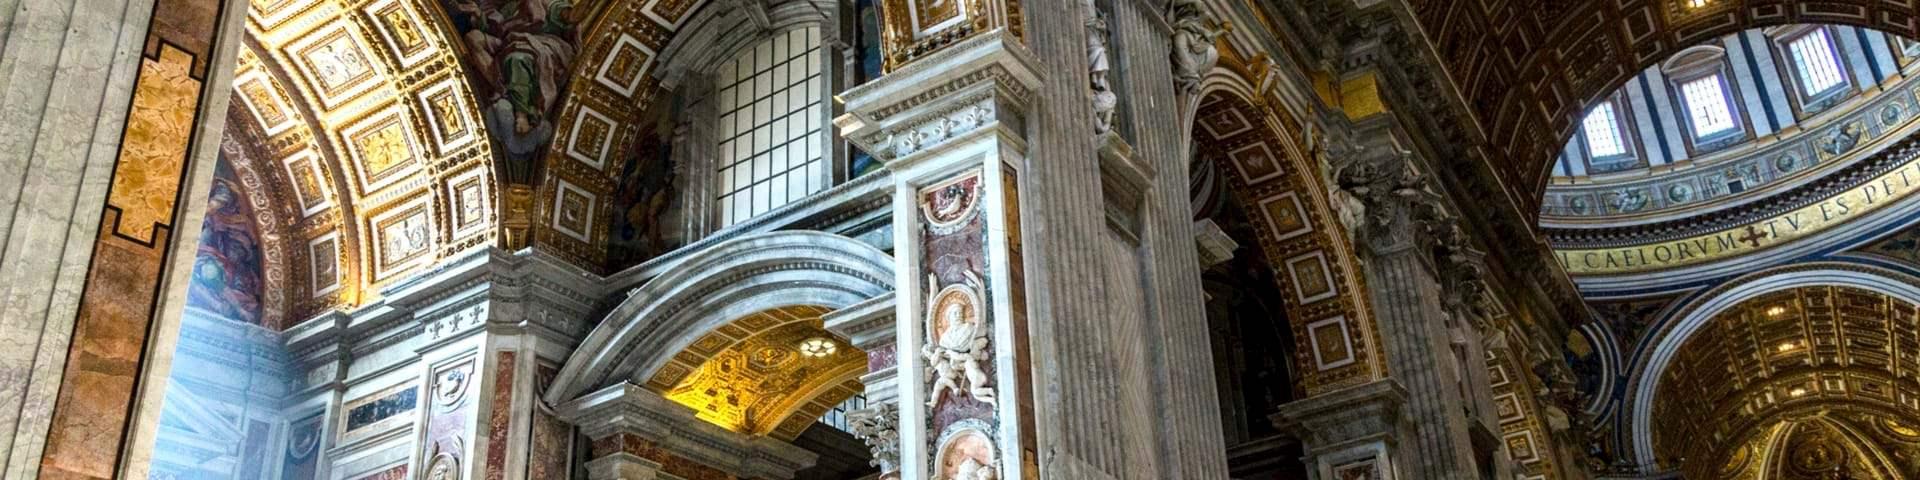 St. Peter's Basilica Tours